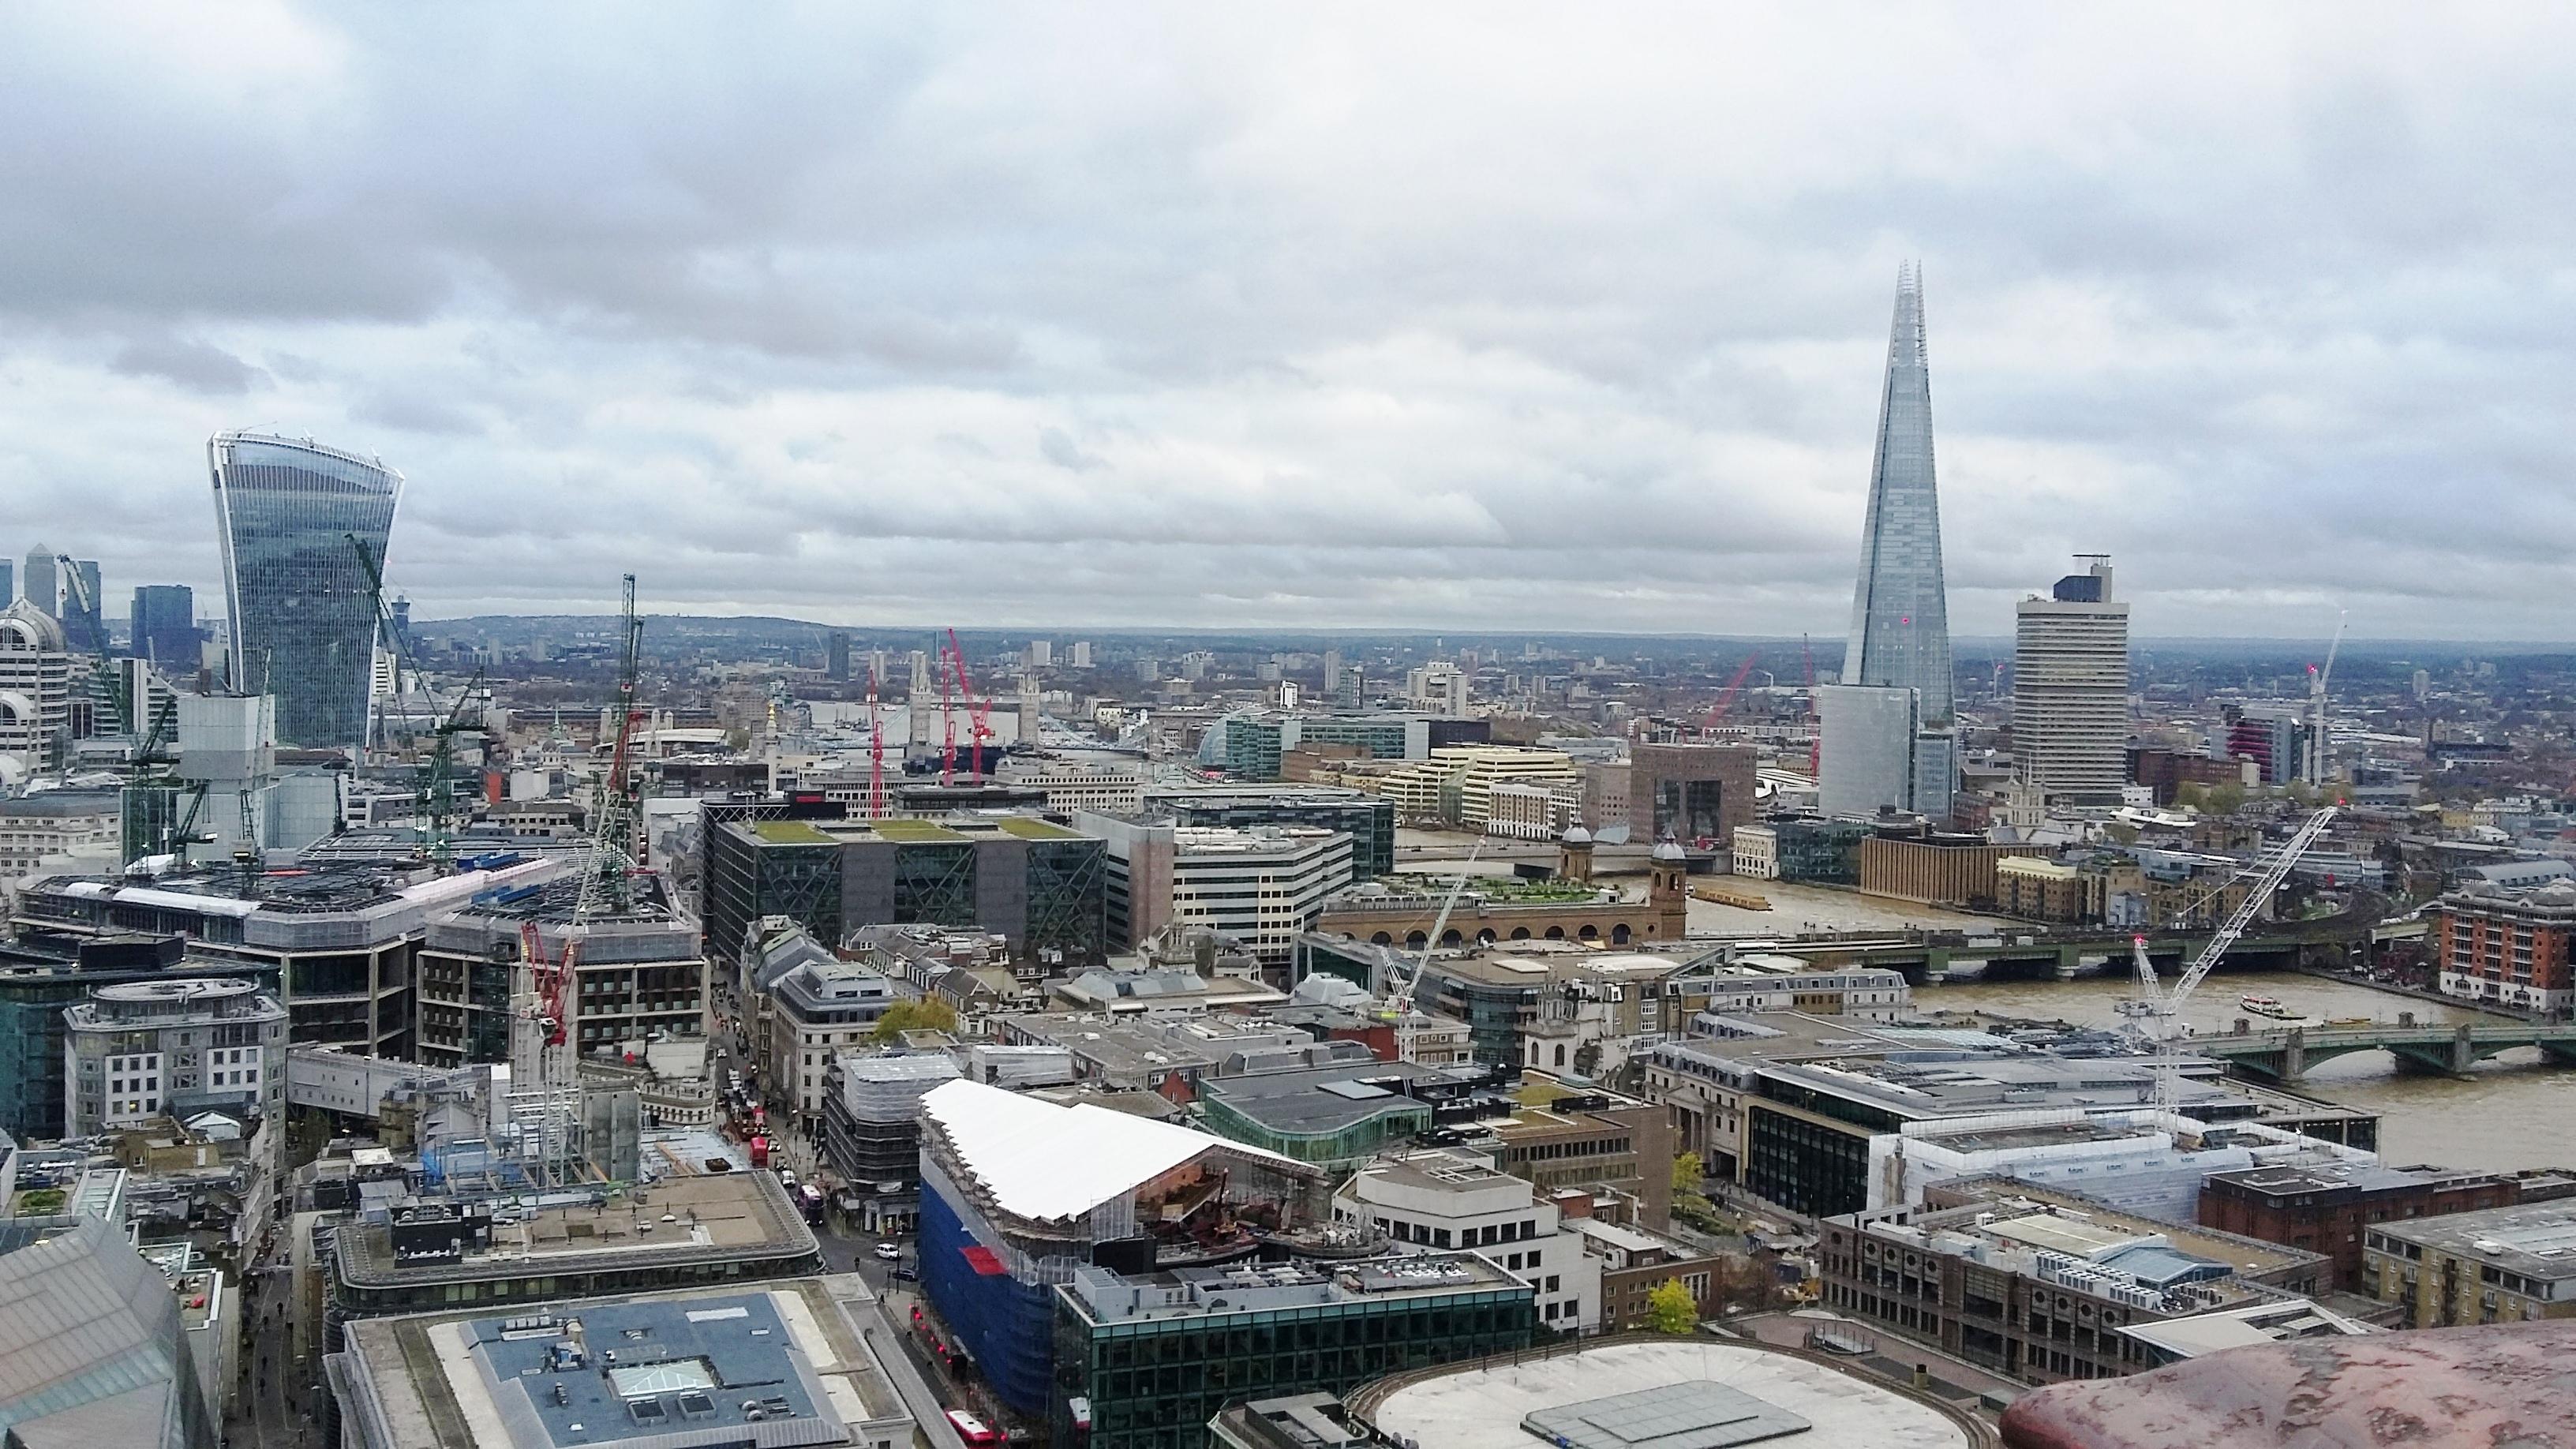 Velká Británie - Anglie - Londýn z věže katedrály sv.Petra a Pavla, a nutno přiznat - je to placka, foto A.Frčková